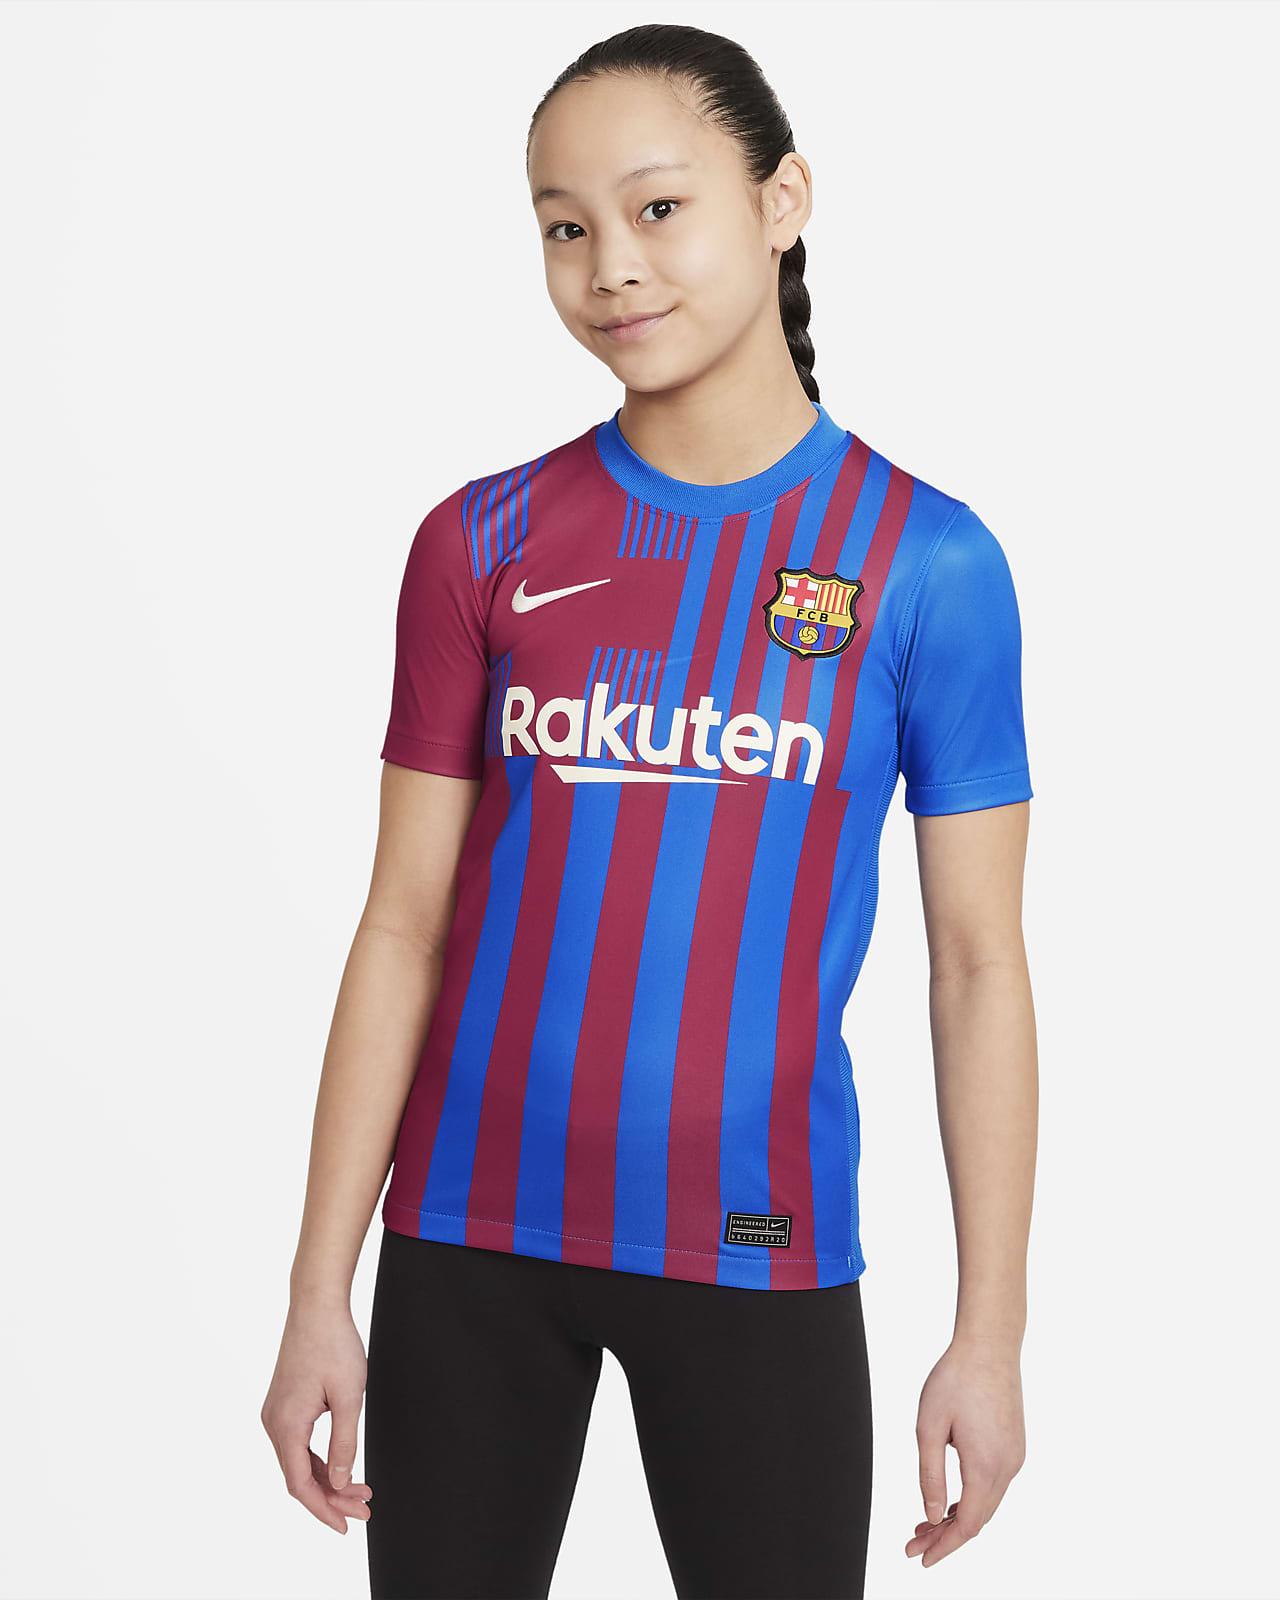 เสื้อแข่งฟุตบอลเด็กโต FC Barcelona 2021/22 Stadium Home